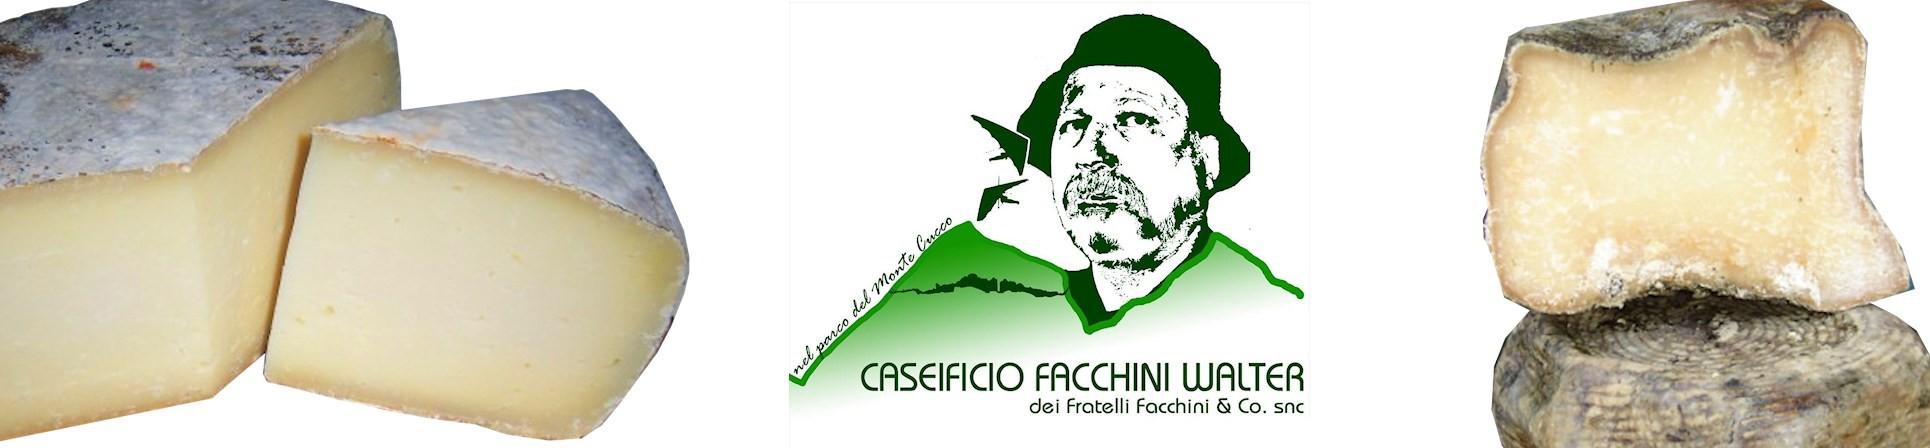 Formaggi del Parco del Monte Cucco - Caseificio Facchini - vendita online